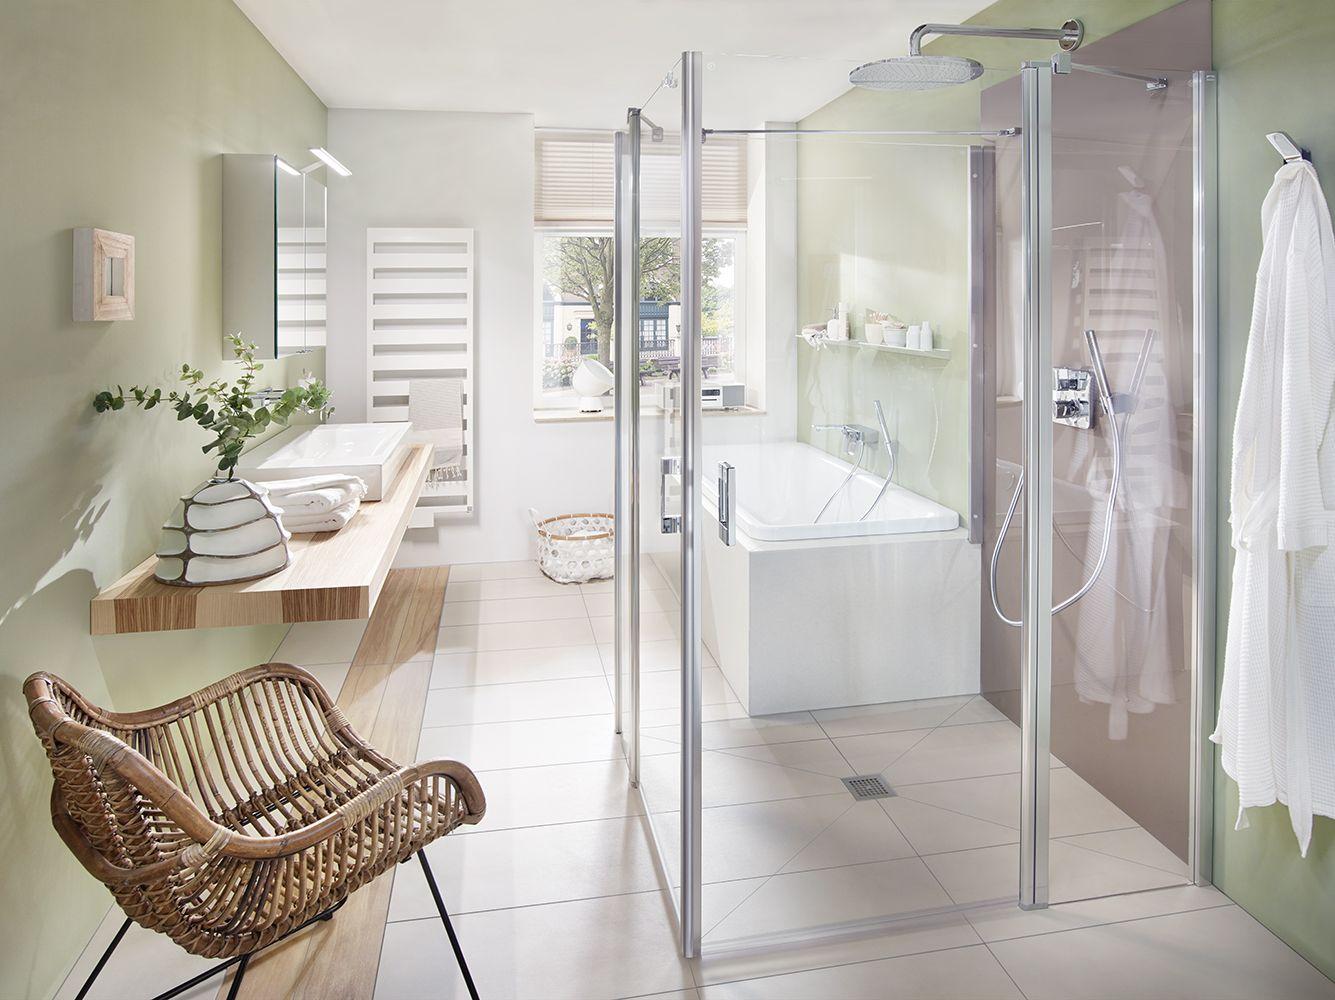 Bad Badezimmer Interieur Dusche Barrierefrei Studio3001 Grossedusche Kleinesbad Modern Grosse Dusche Bad Badezimmer